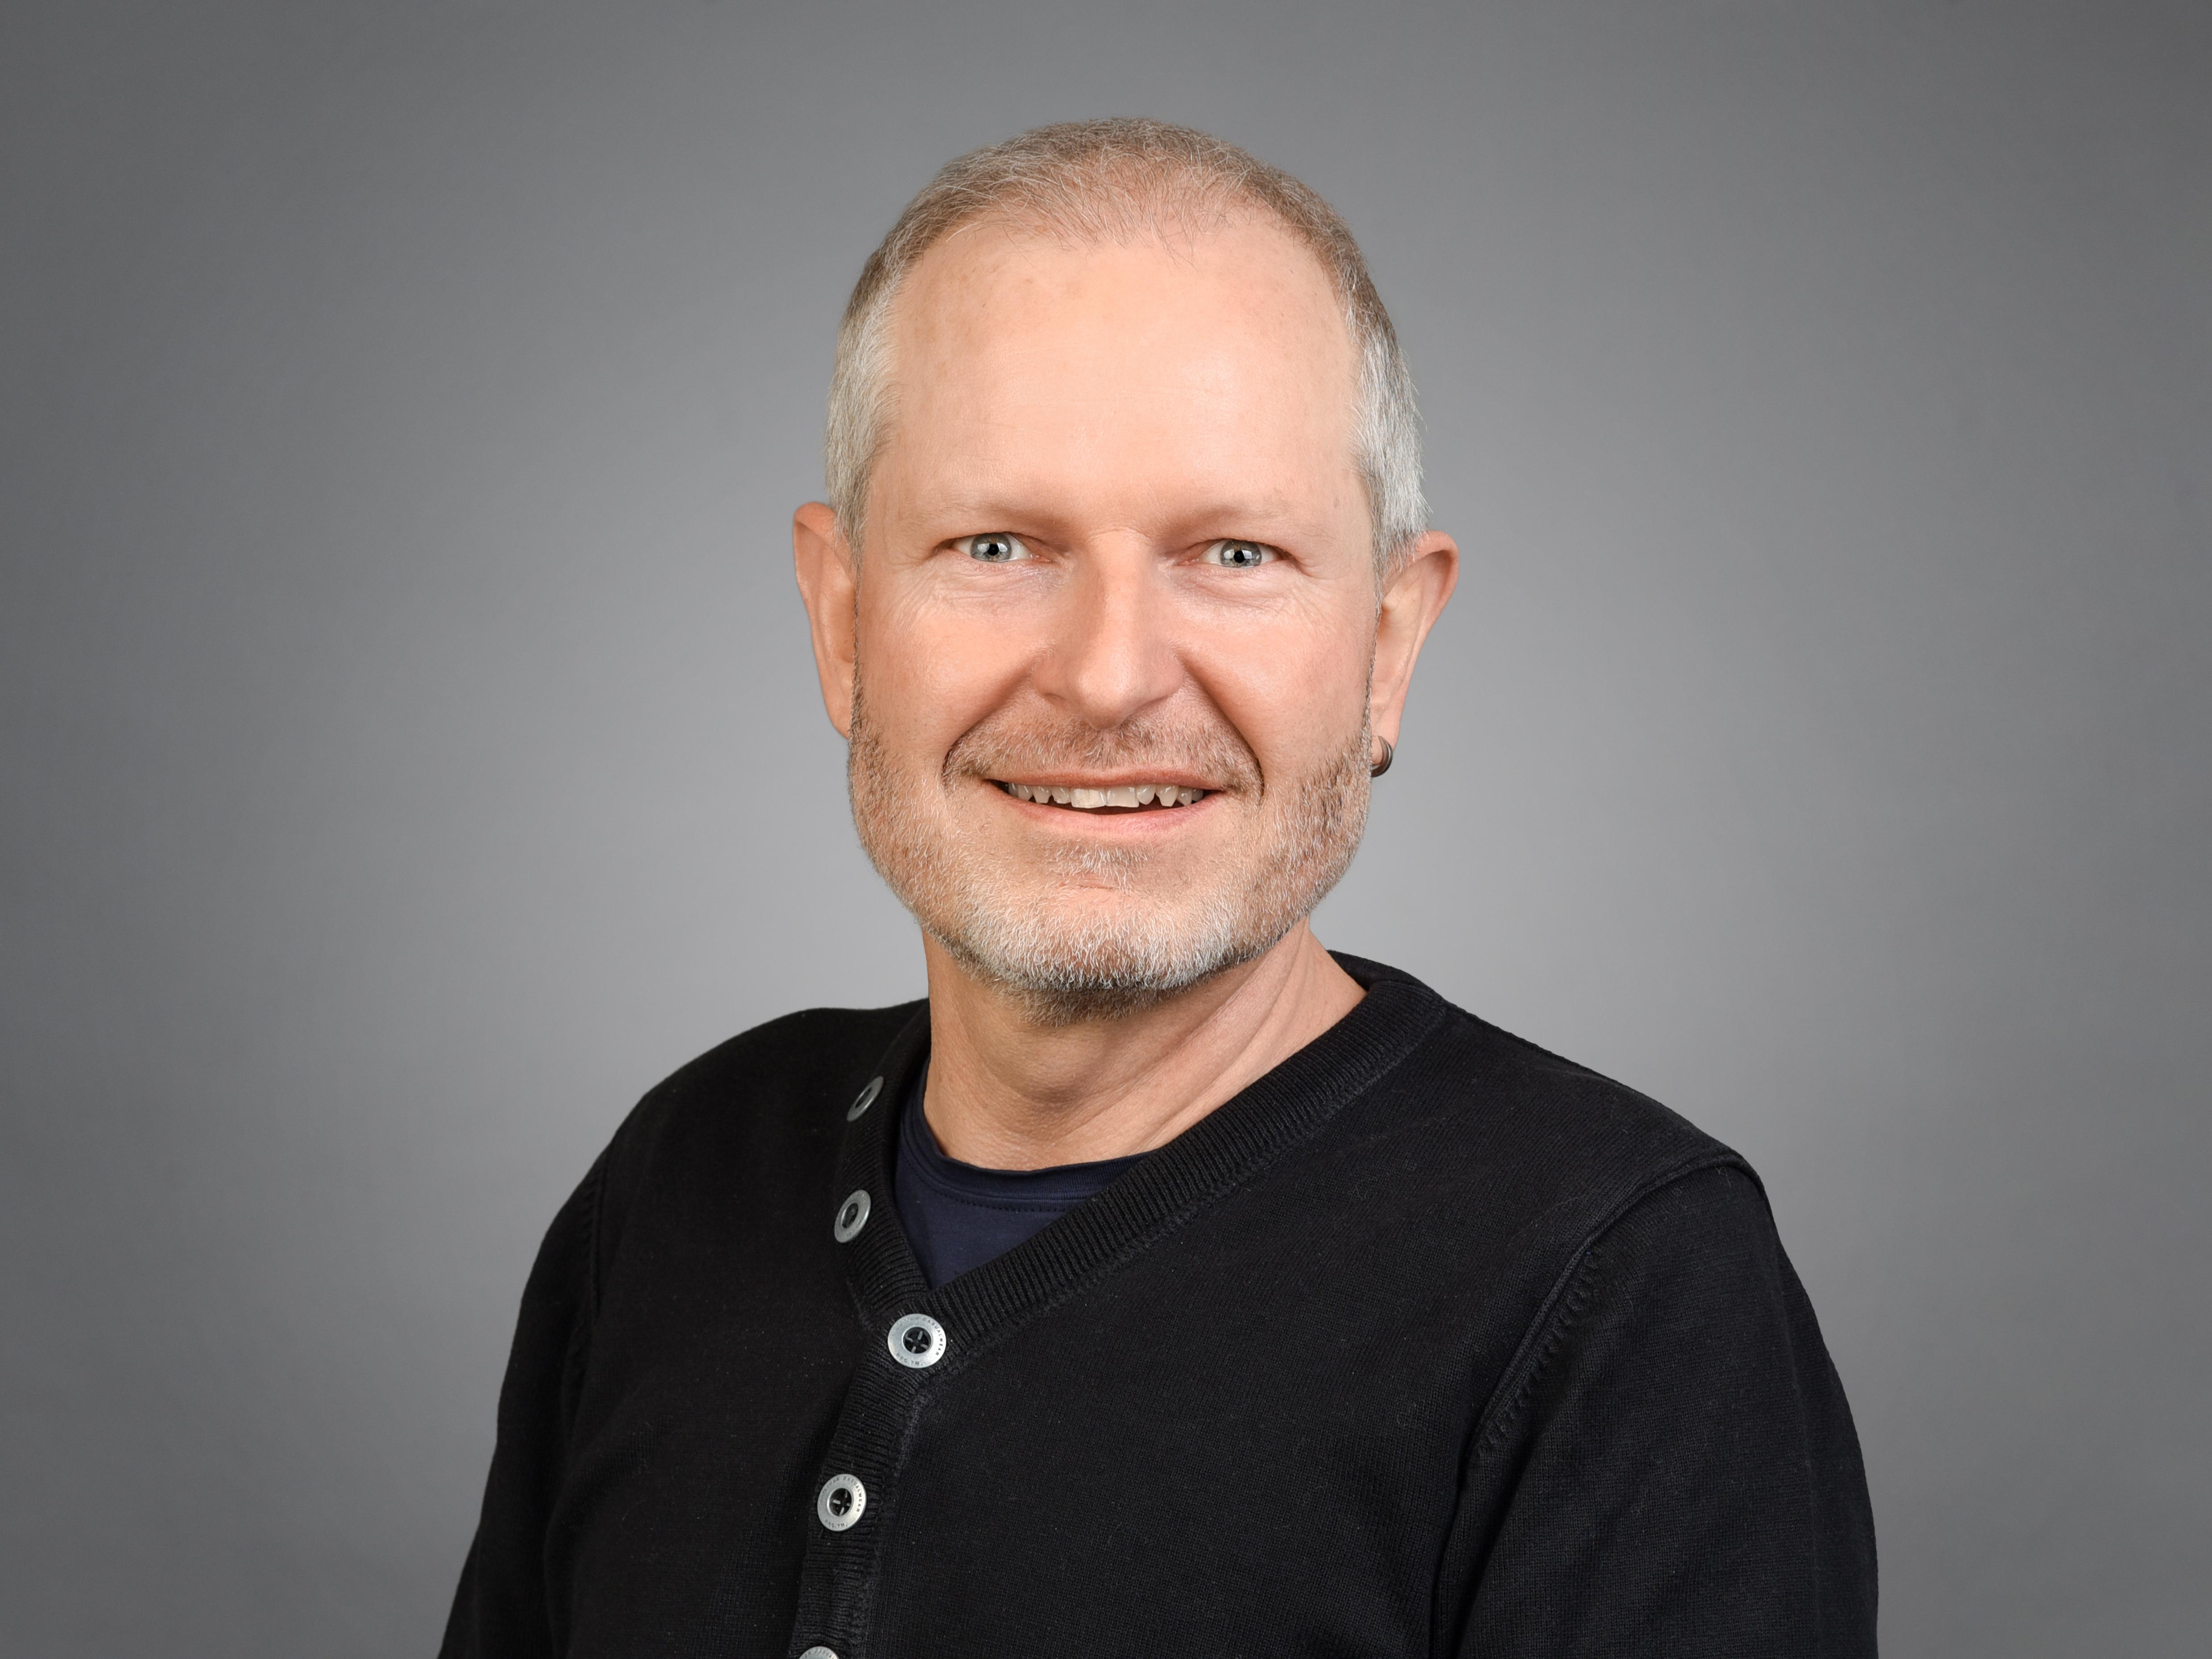 Profilbild von Erwin Herzog